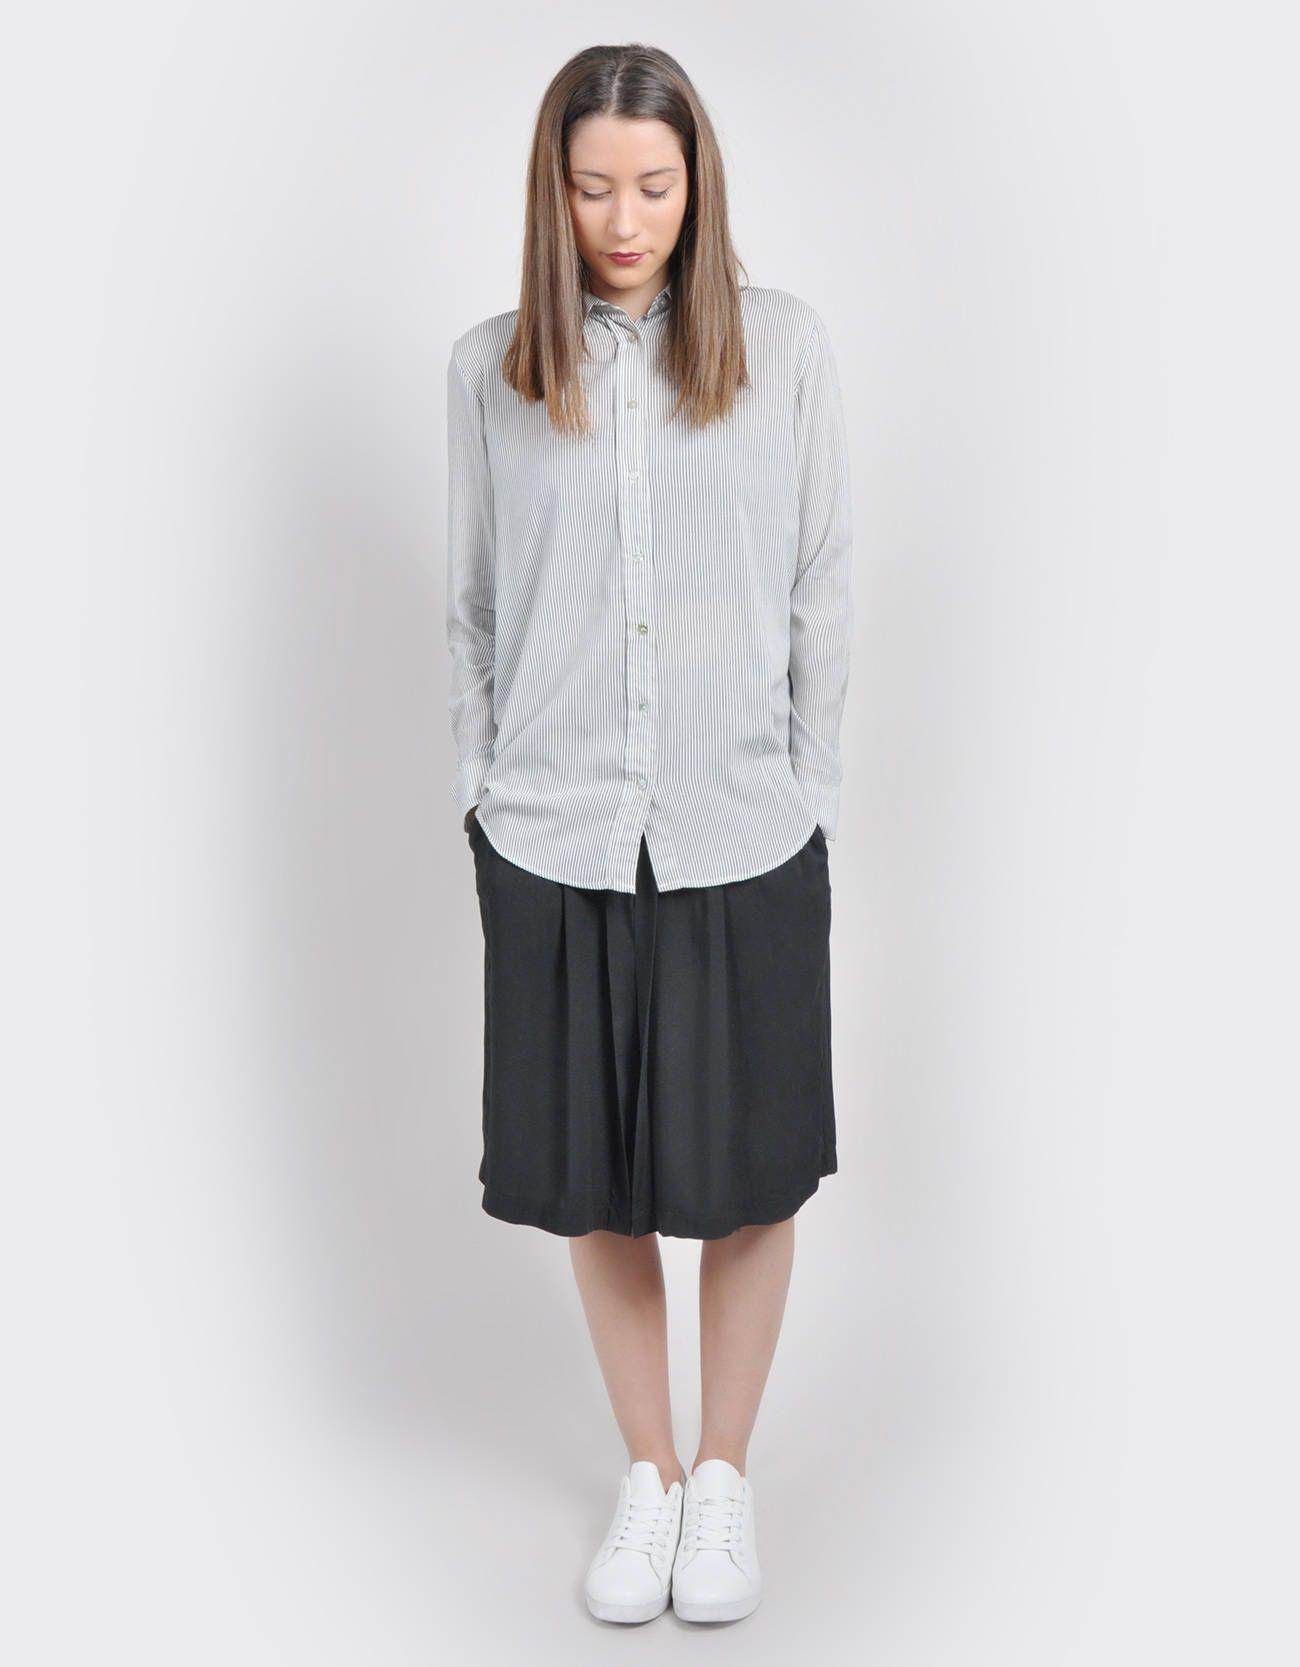 Catálogo Shana 2015, prendas básicas